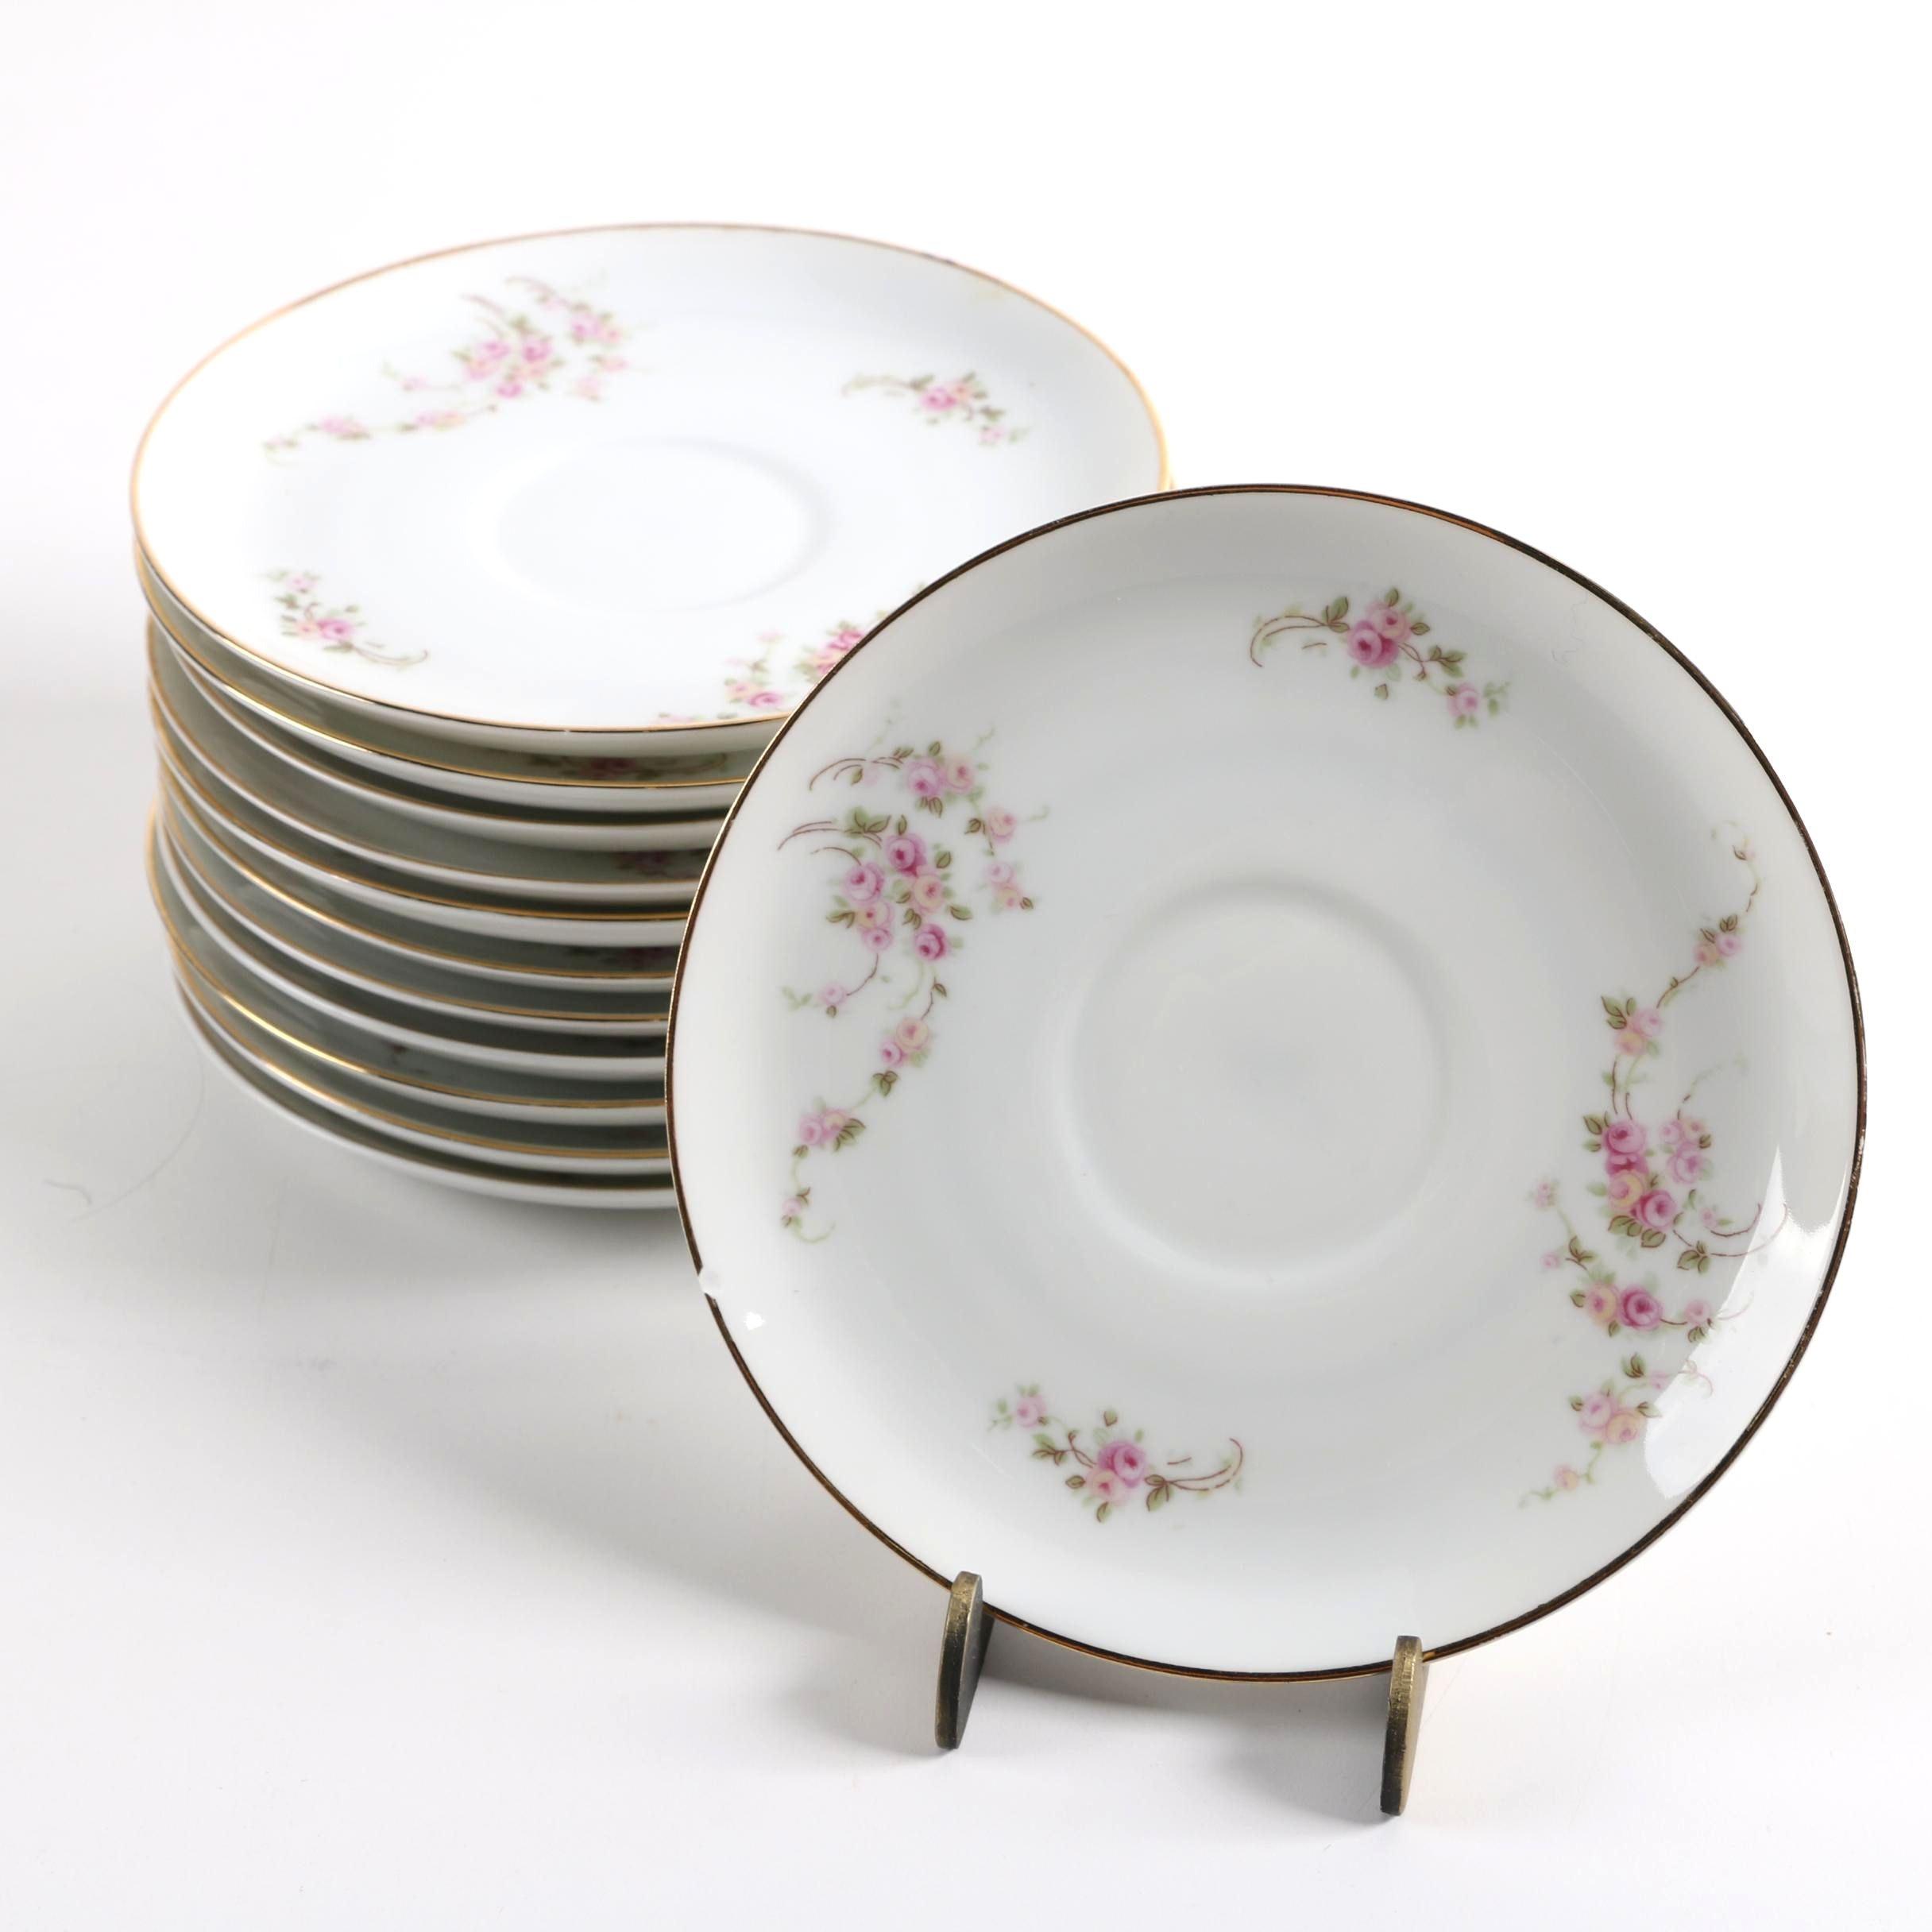 1920s Rosenthal Porcelain Saucers